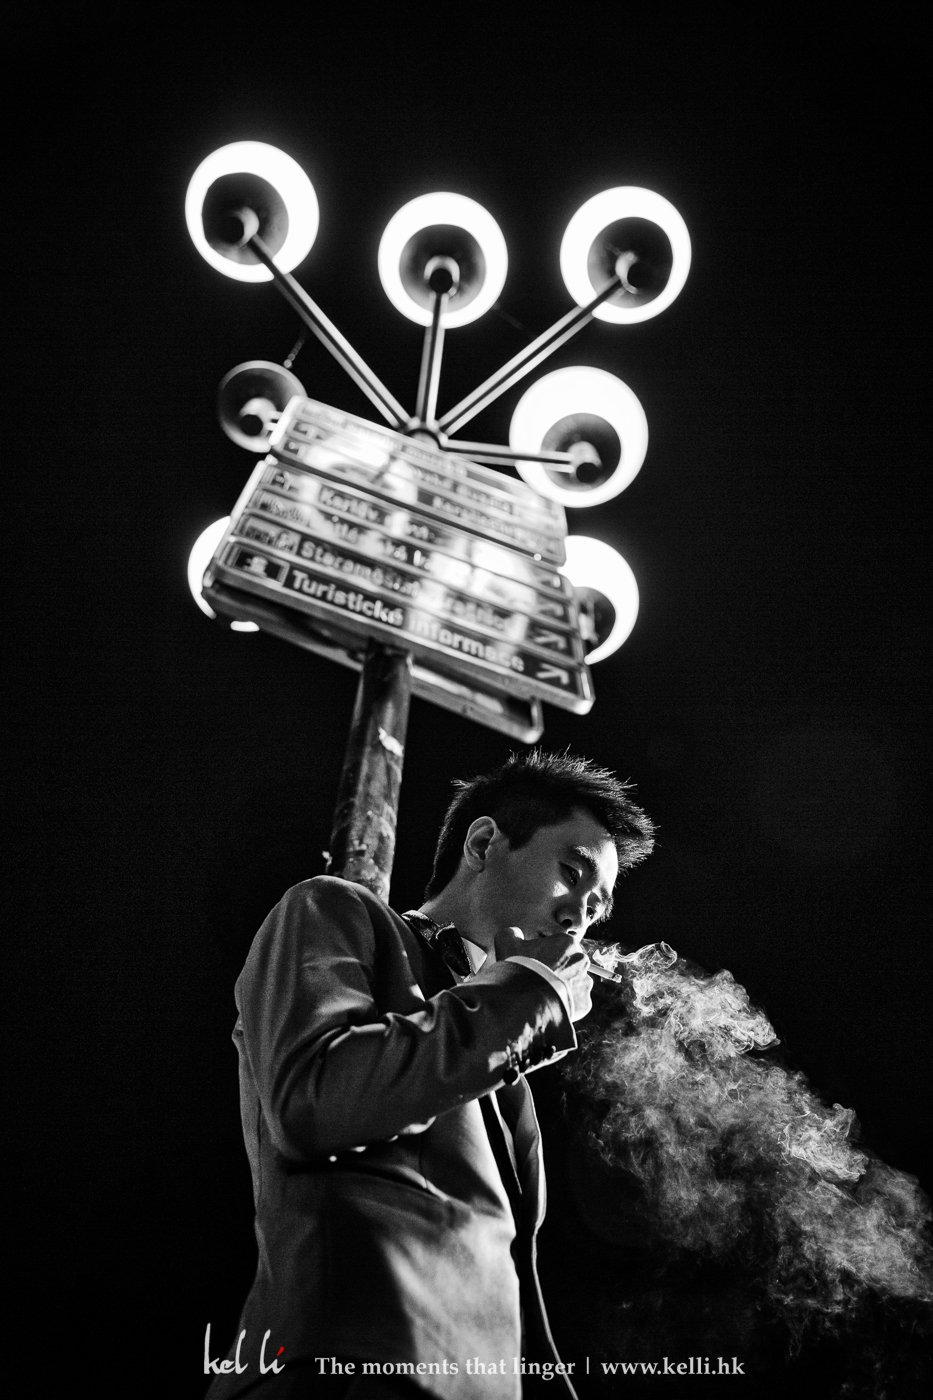 偶爾有抽煙習慣的客人都喜歡來一張這樣的照片,林生也不例外